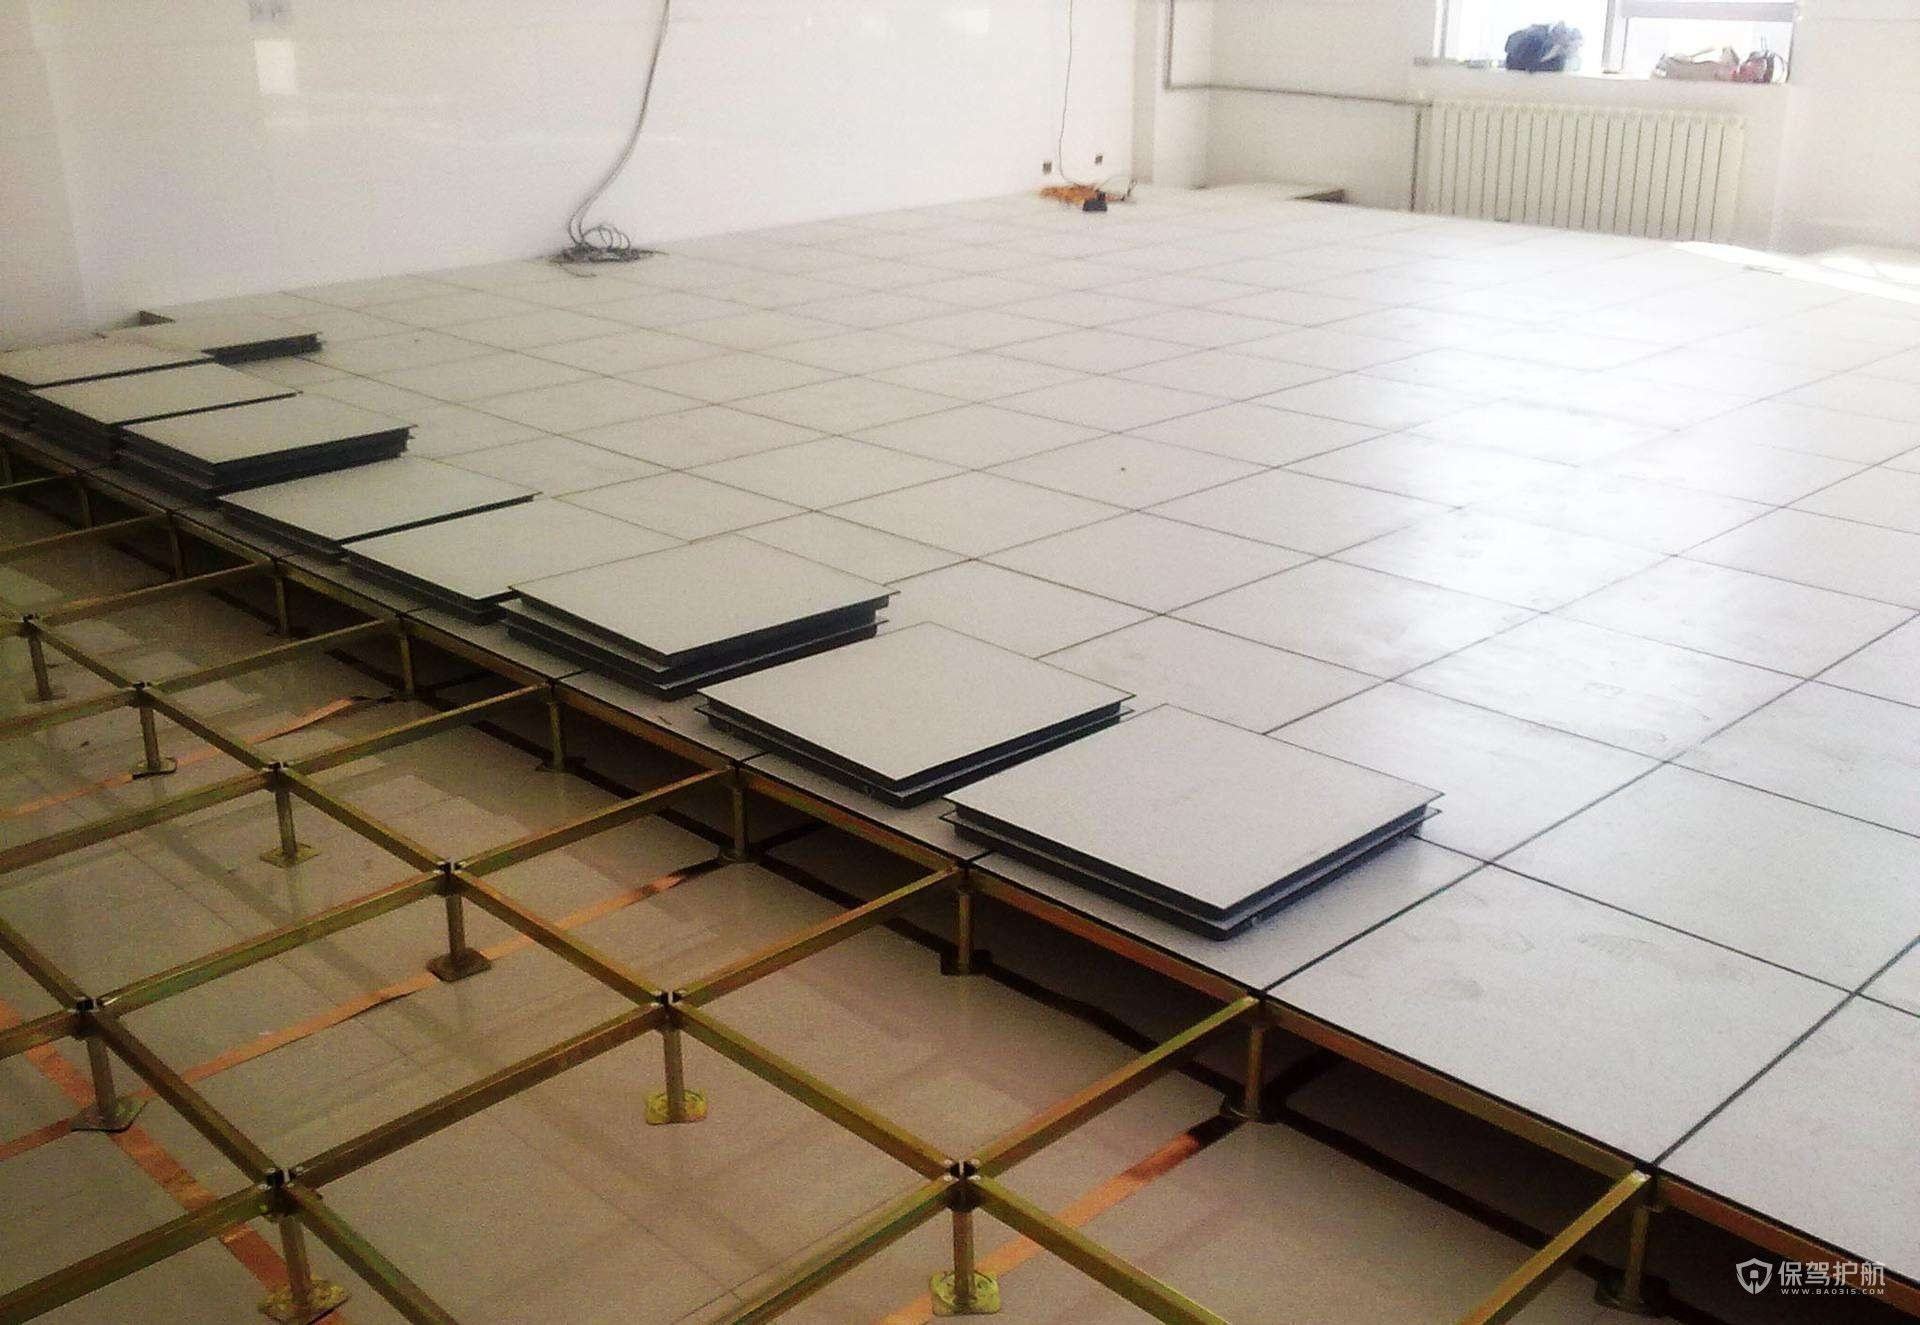 防静电瓷质地板的特点是什么呢?怎么选购?